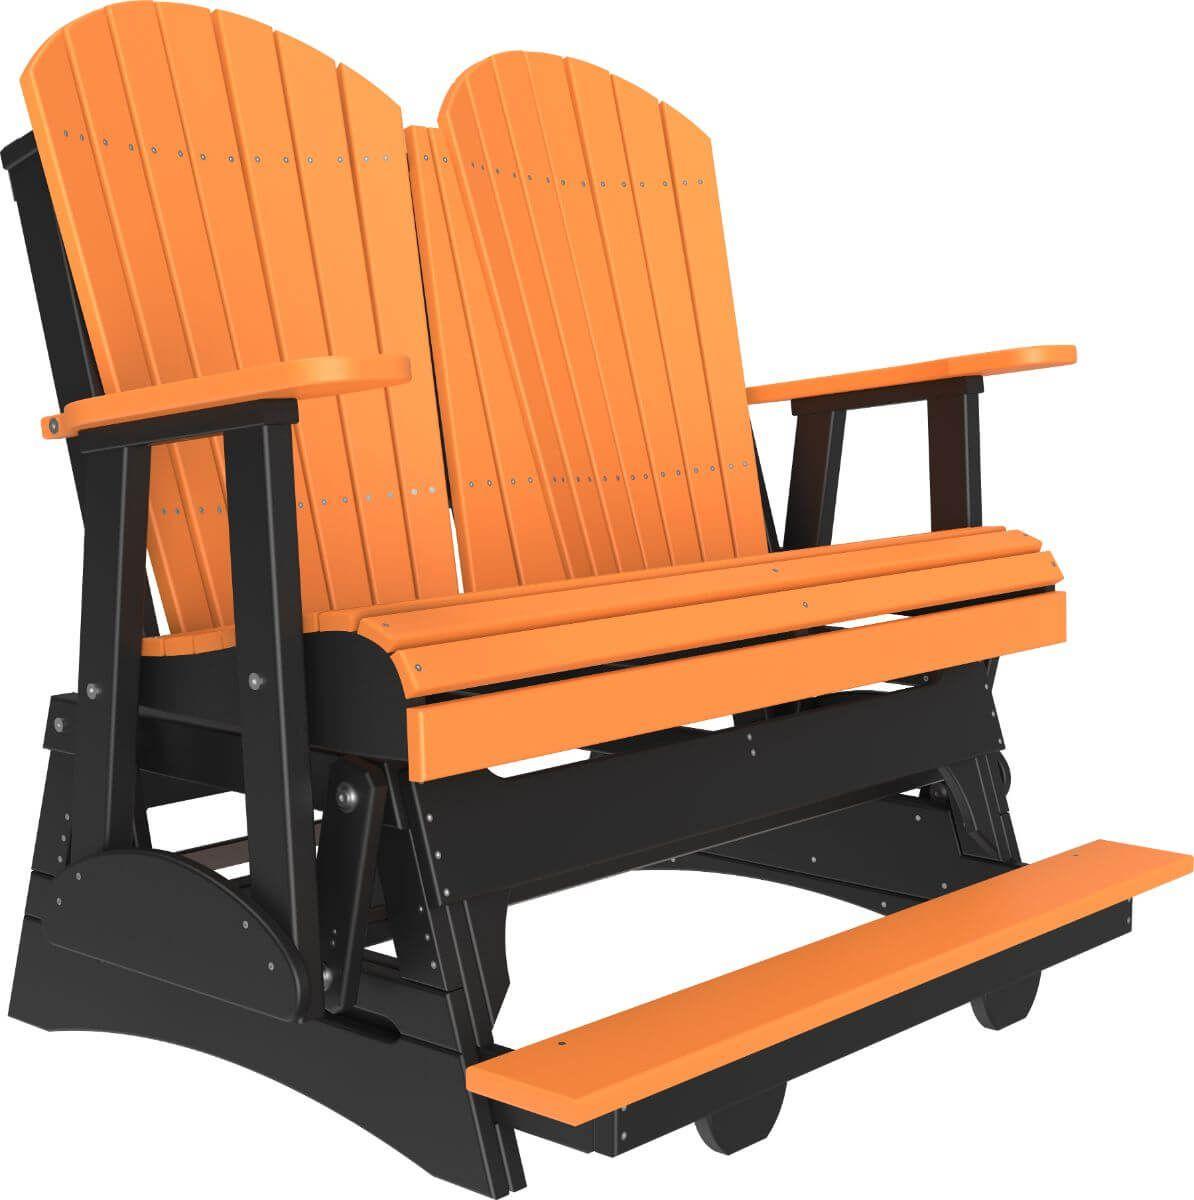 Tangerine and Black Tahiti Loveseat Balcony Glider